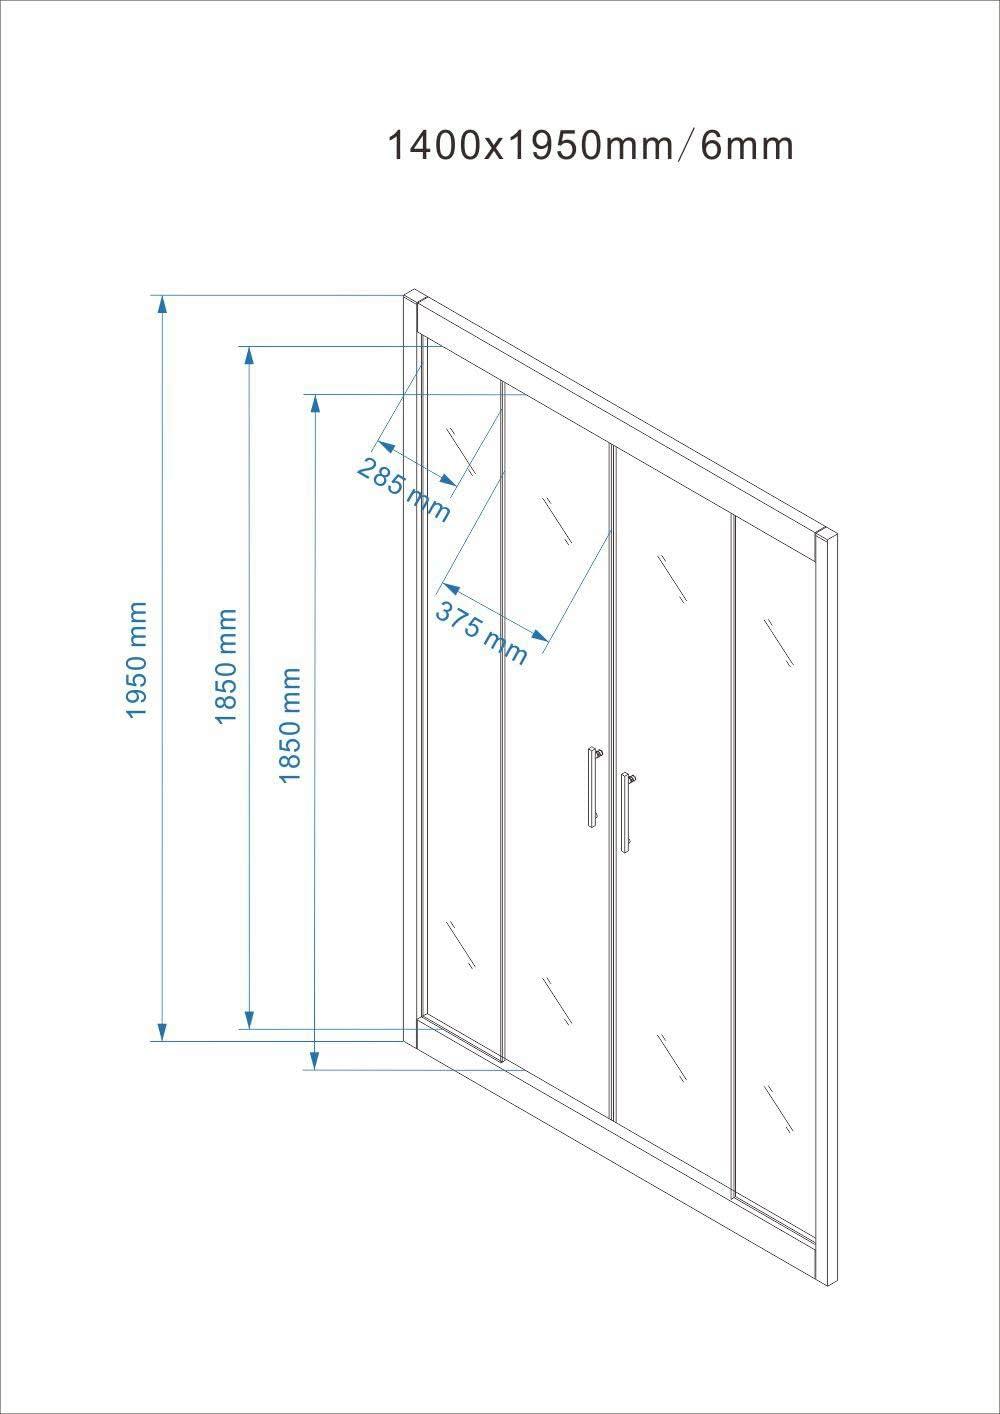 Yellowshop - Mampara de Ducha con Puerta corredera de Vidrio Templado de 6 mm, Transparente o puntillado, Disponible en Varias Medidas, Multicolor: Amazon.es: Electrónica